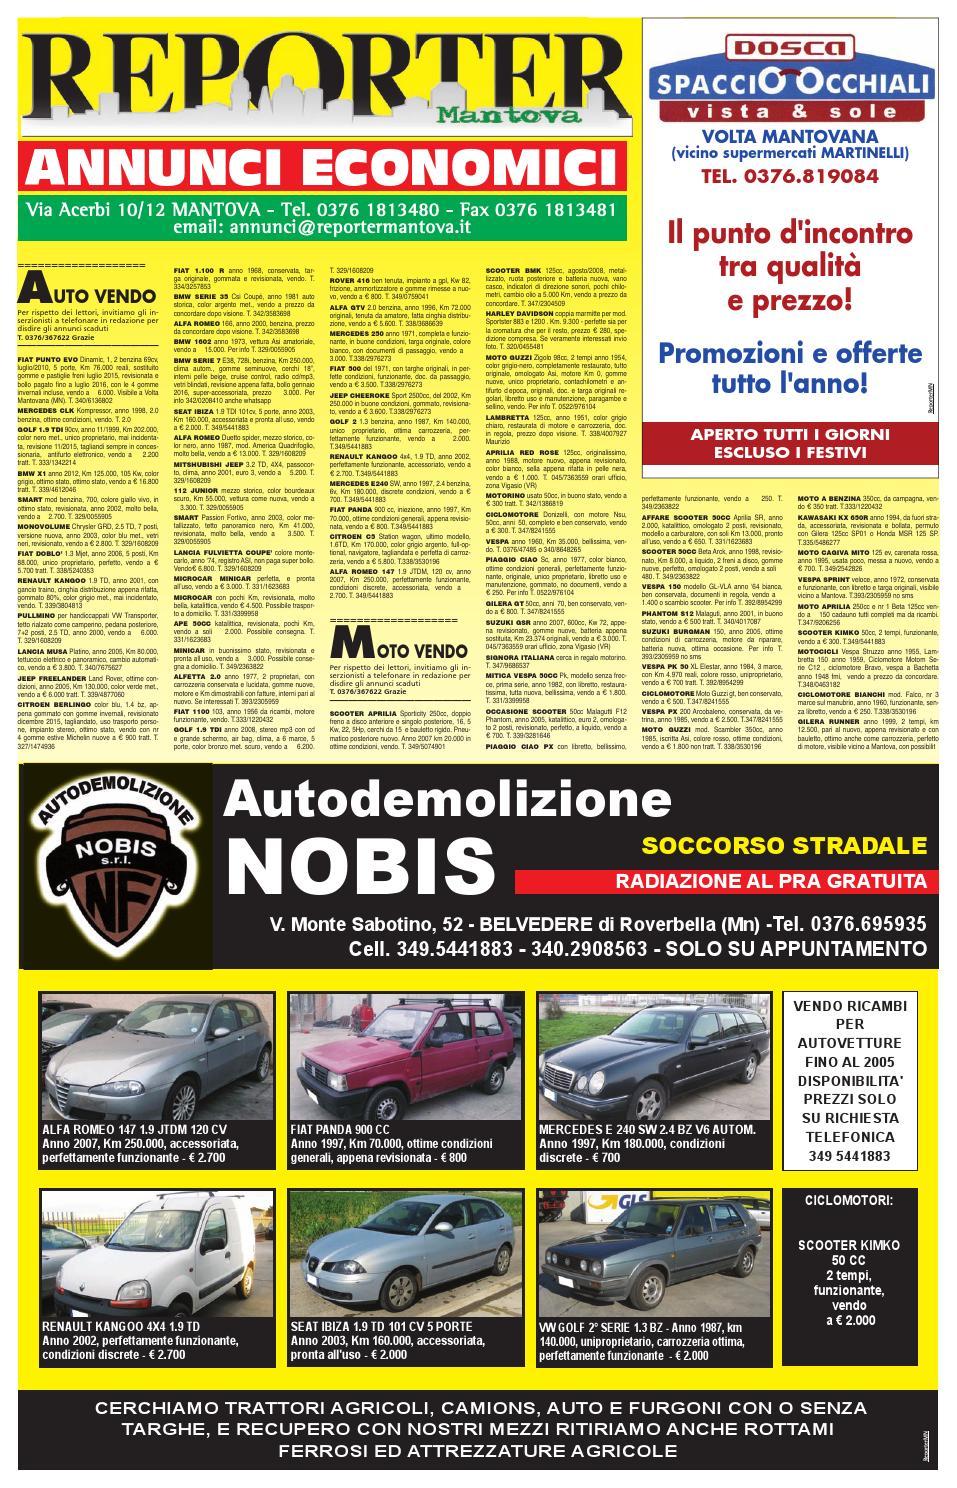 CONFEZIONE DA 5 SACCHI FILTRO PER MOULINEX 600 F12